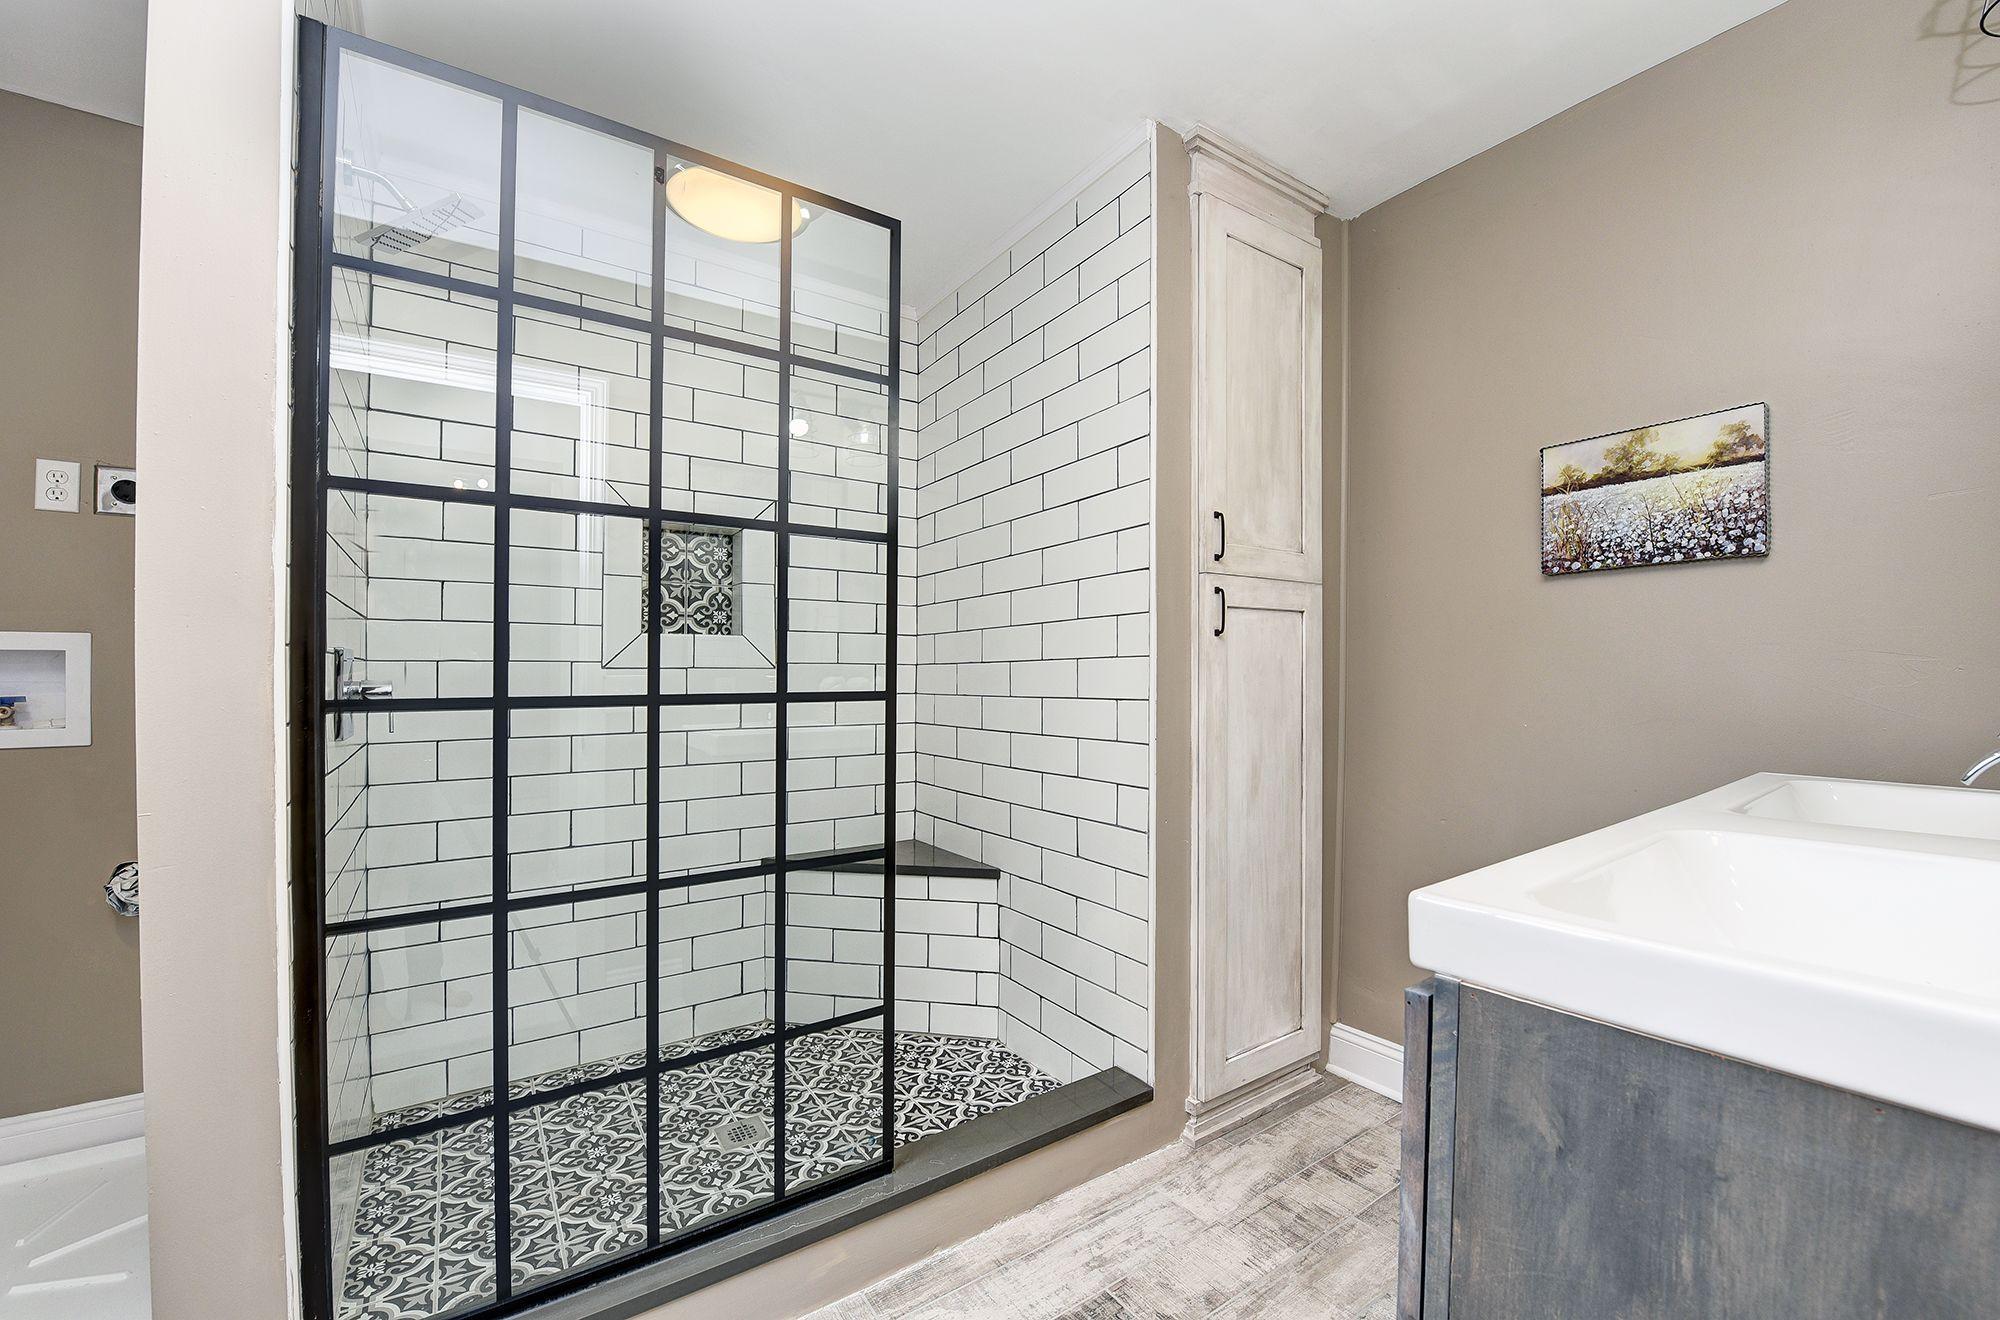 Modern Farmhouse Style Master Bathroom By Blankspace Llc